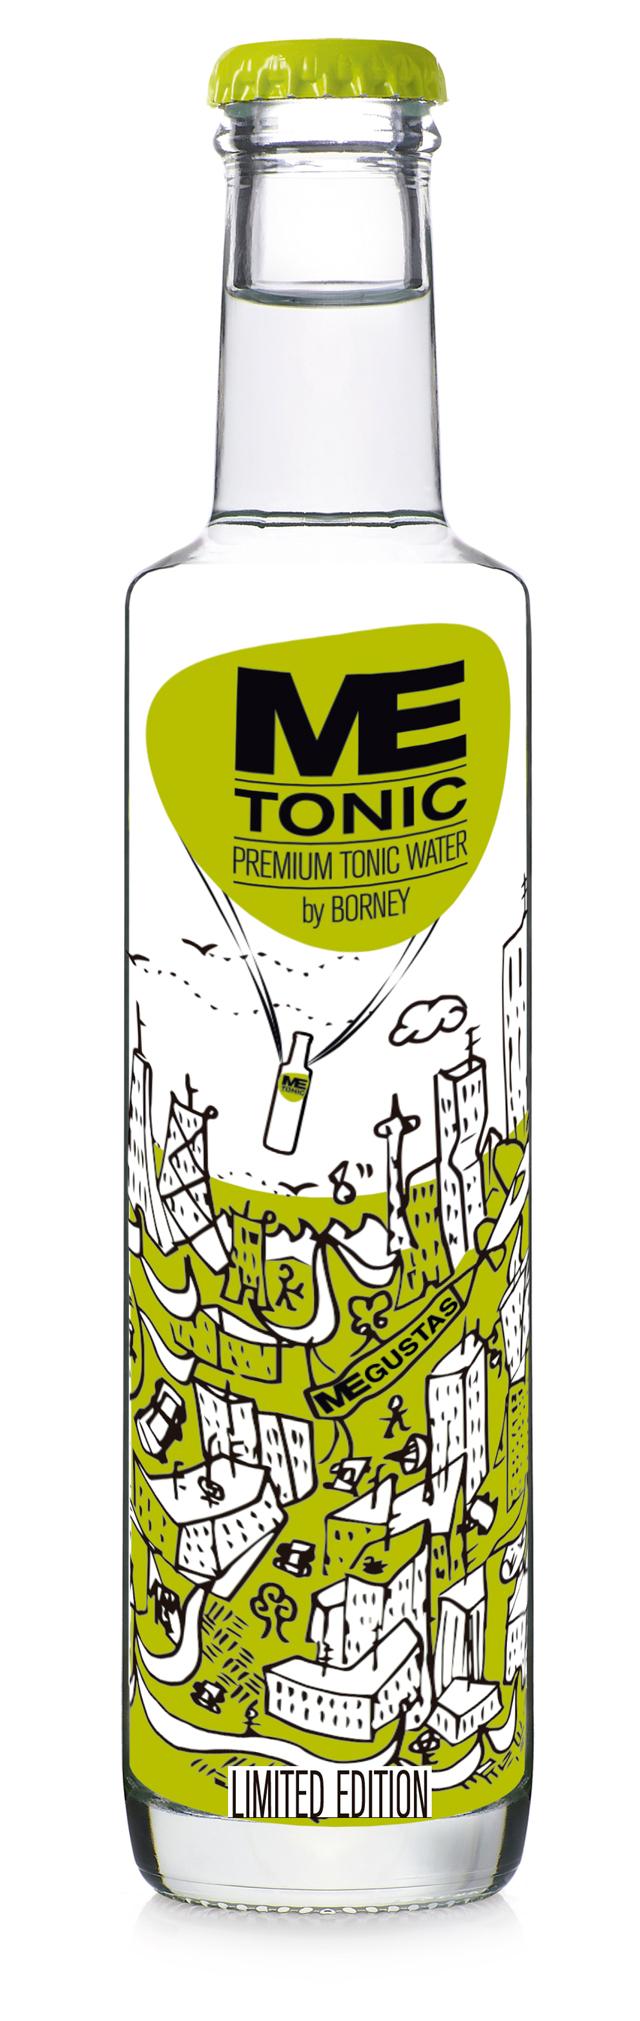 <p>La tónica Premium ME Tonic cumple un año el próximo mes de septiembre. Para celebrarlo